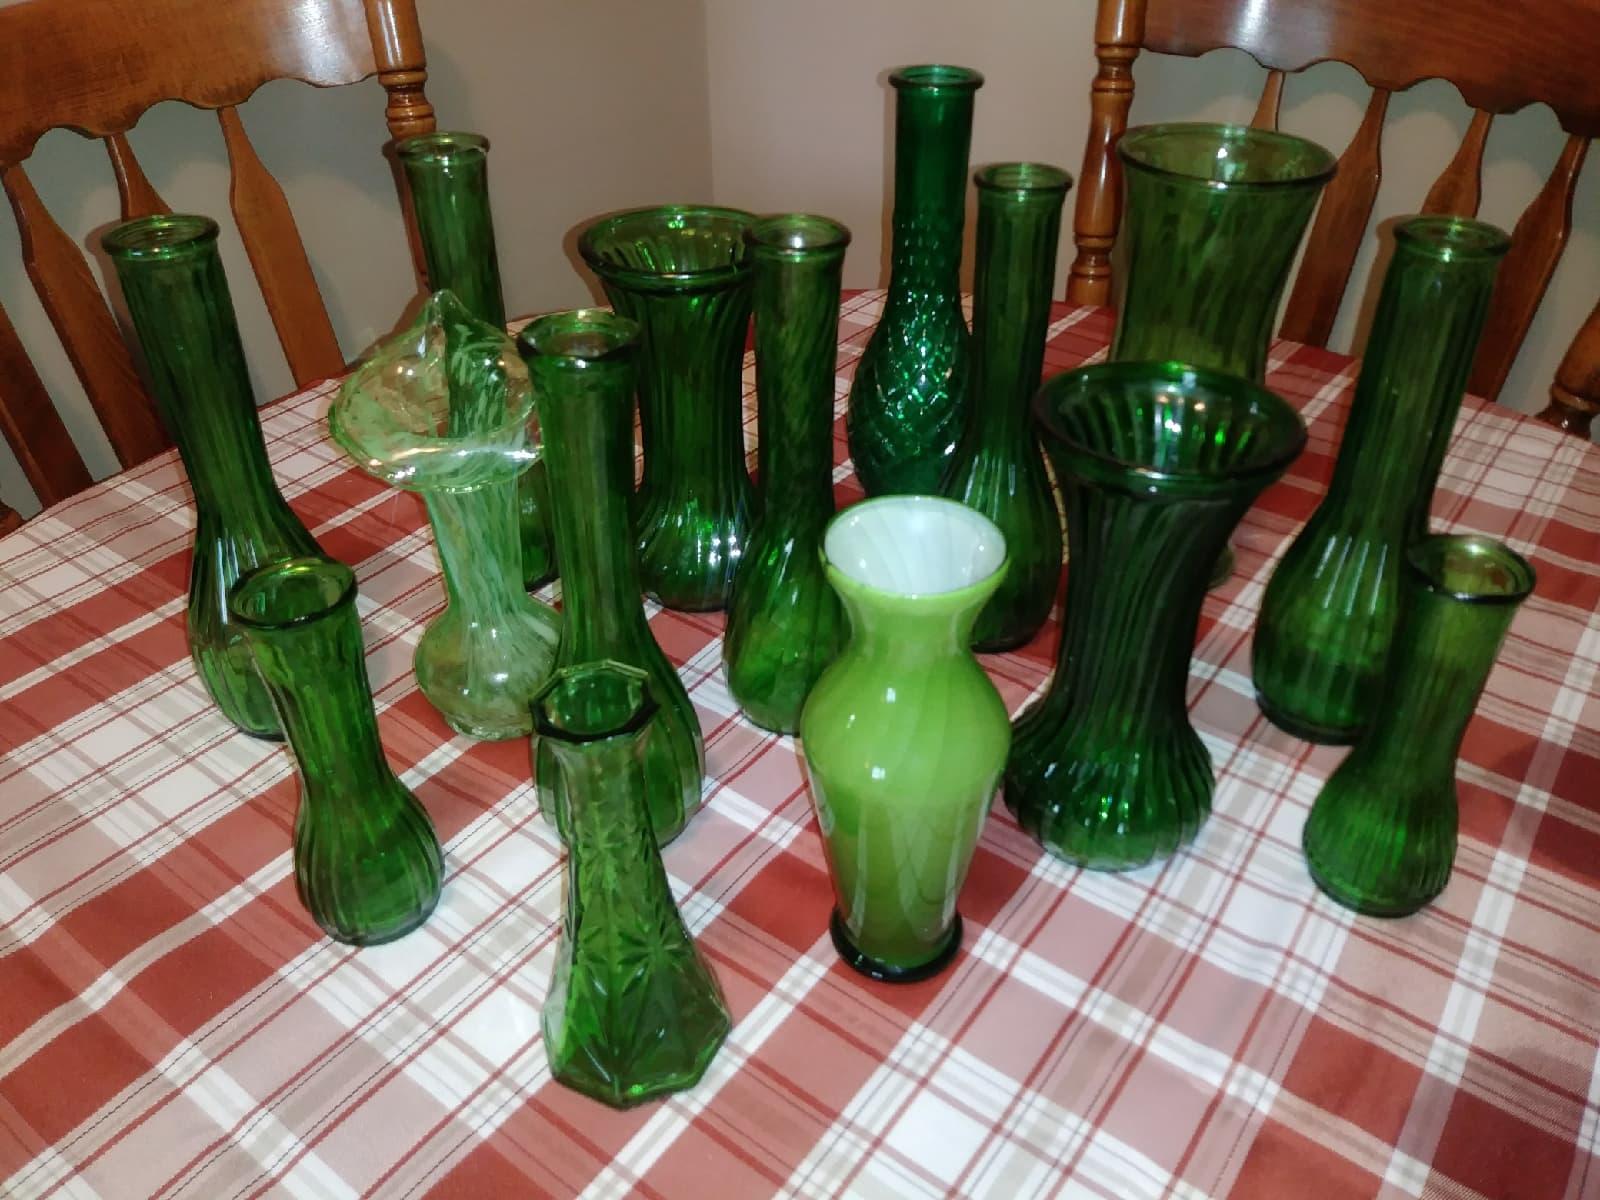 Green Glass Vases - $26.00